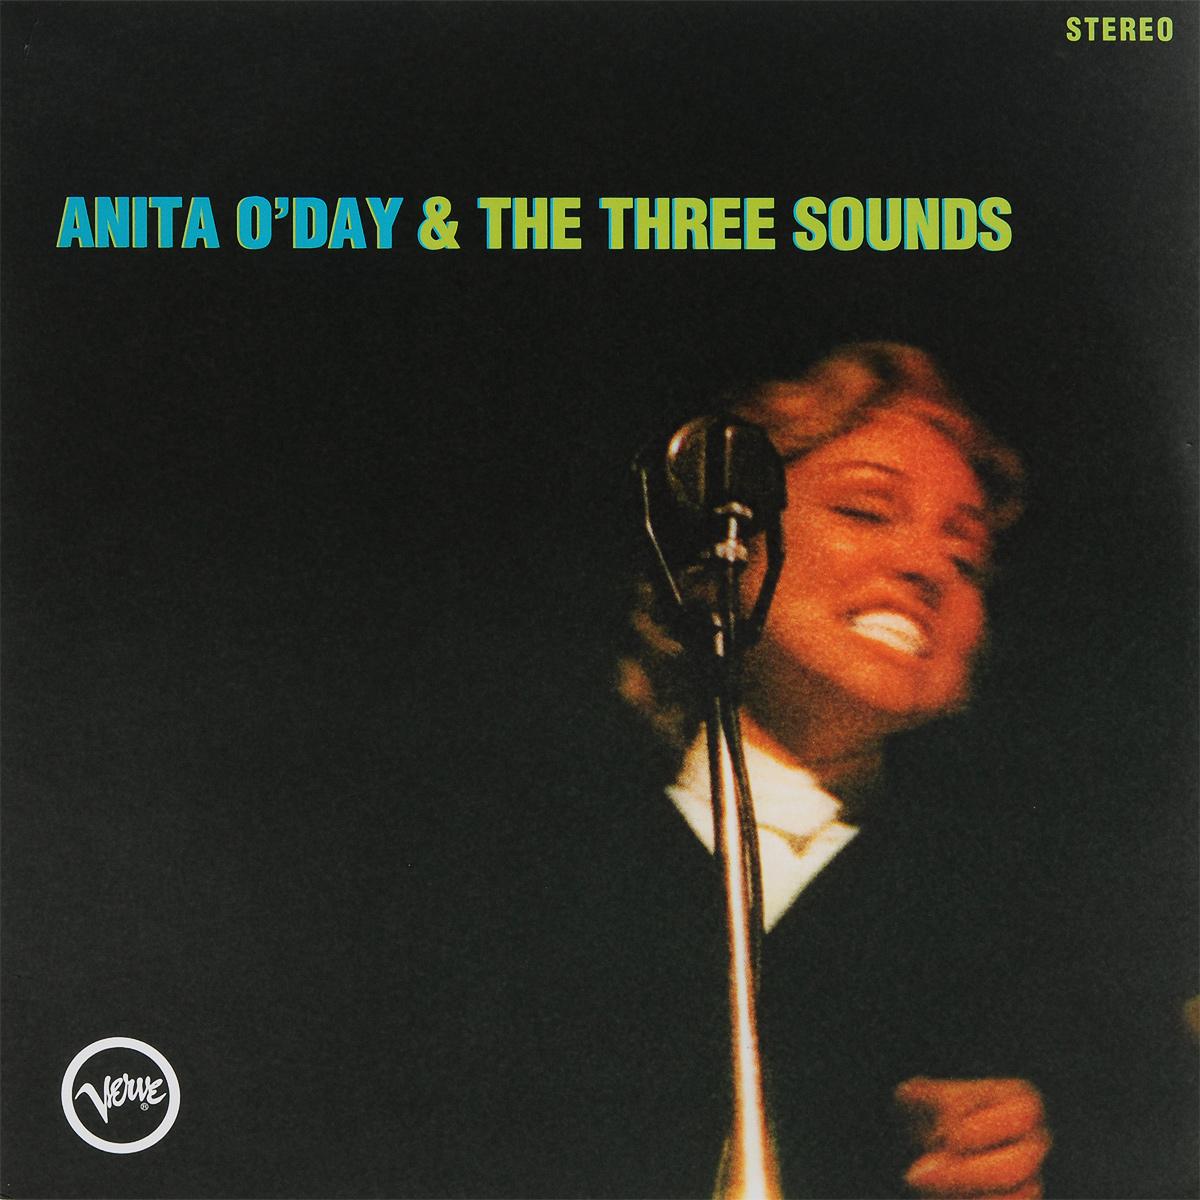 цена на Анита О'Дэй,The Three Sounds Anita O'Day & The Three Sounds (LP)